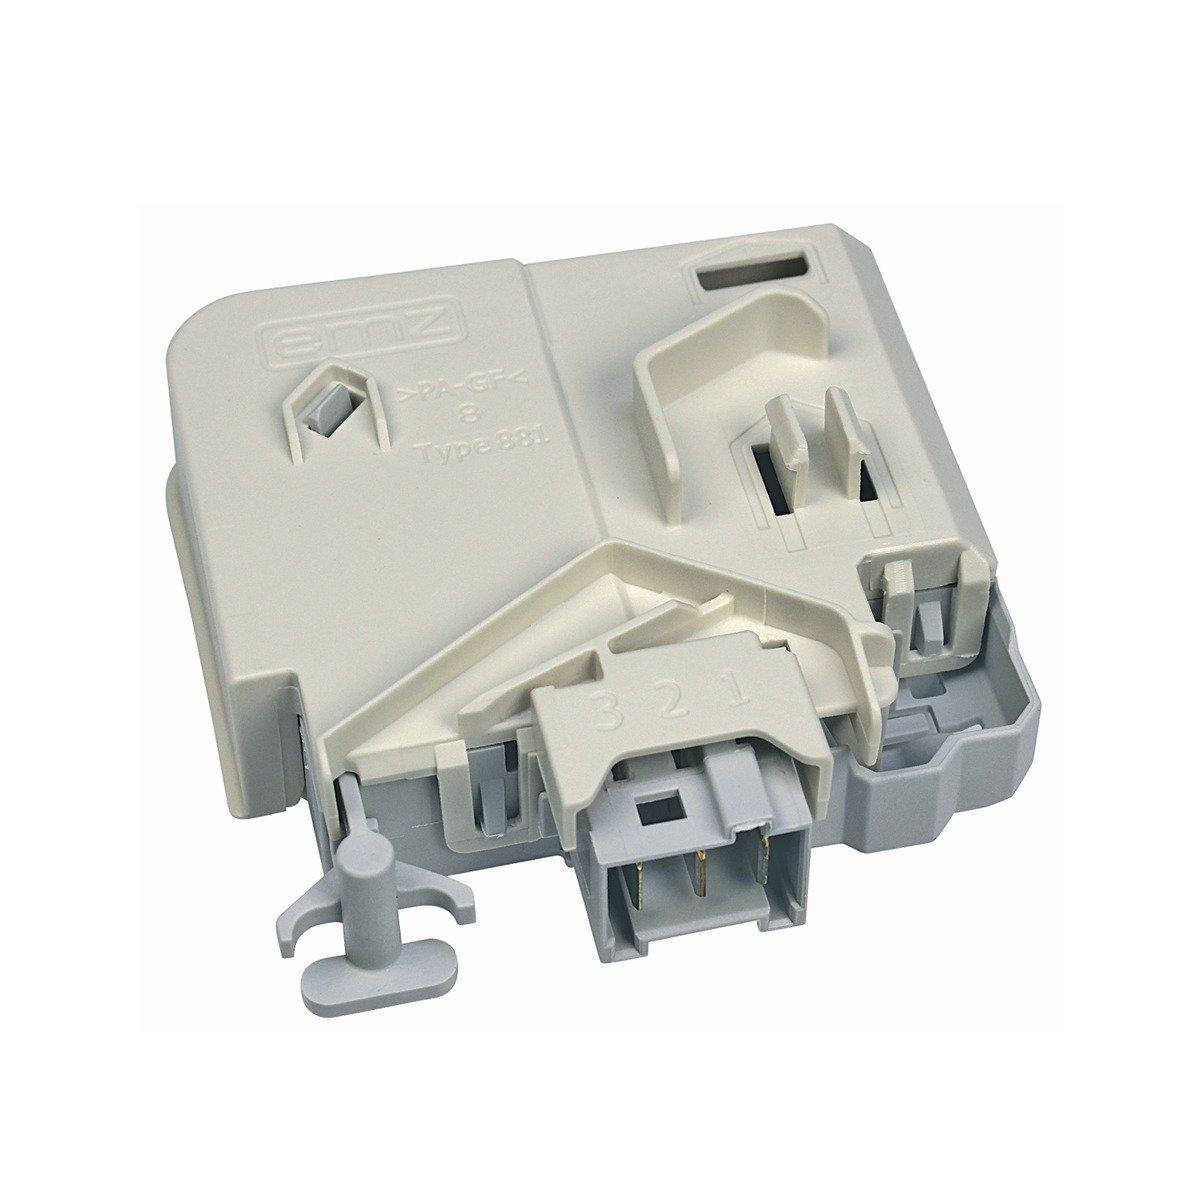 Gonso Herren Criterium Bib Rad Trgerhose Gone5 16210 Electricity Bibs Teach Electric Circuits